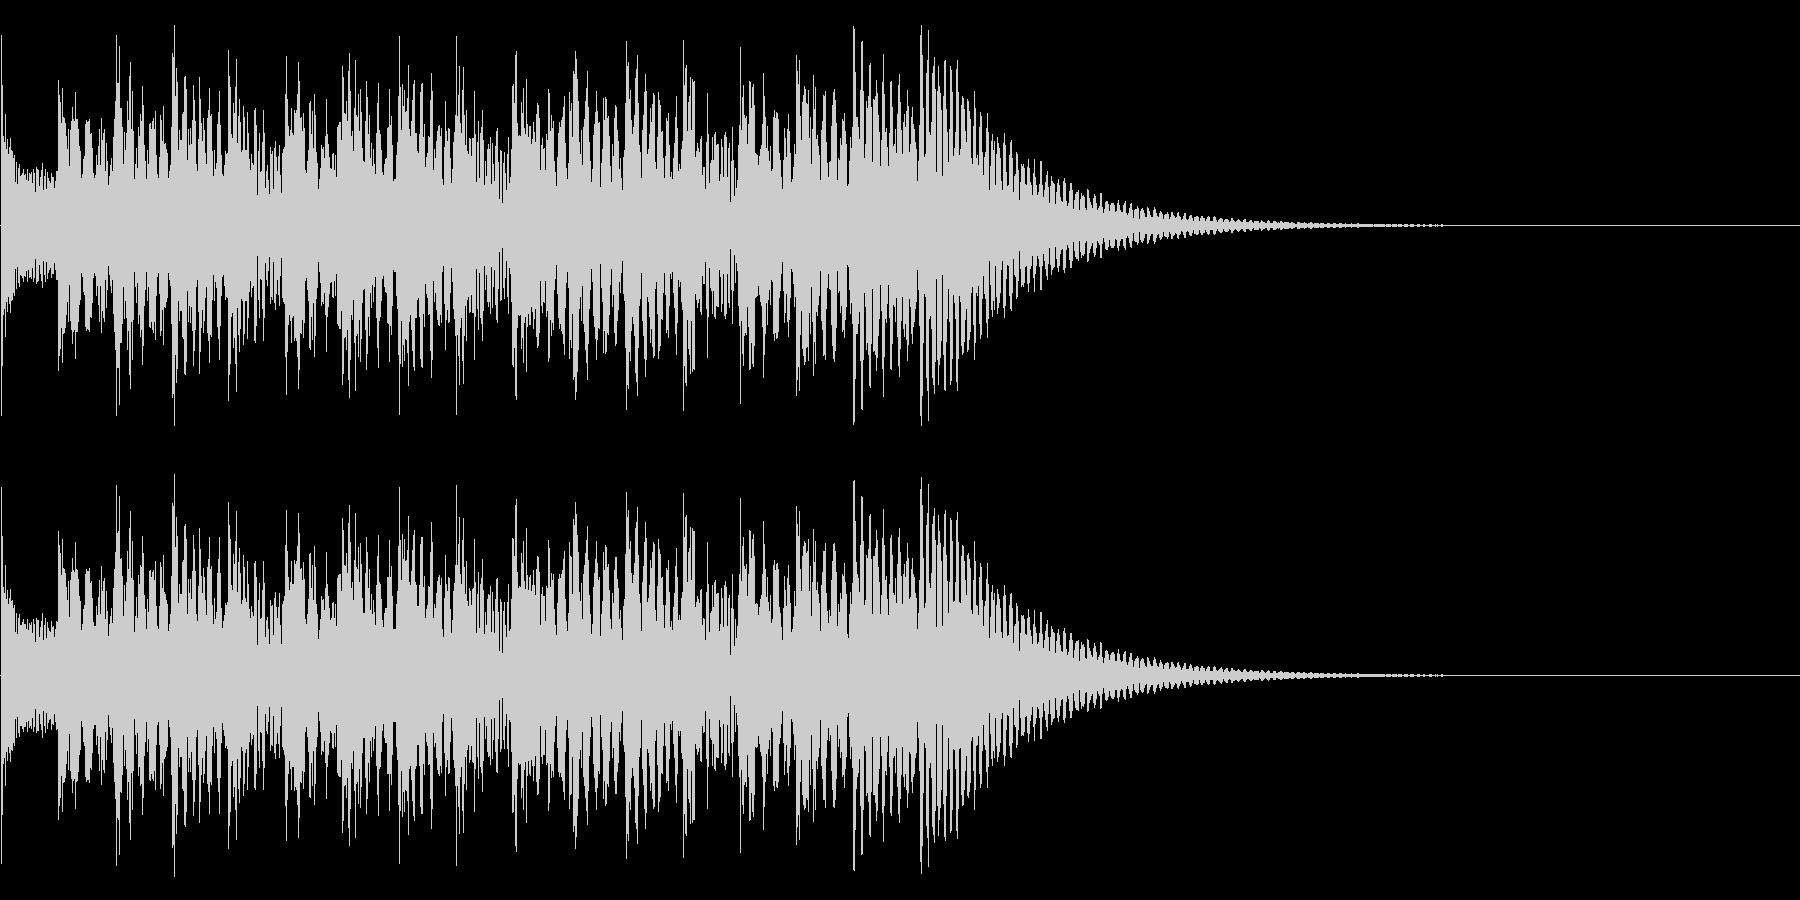 シンプルな効果音 マリンバの魔法音の未再生の波形